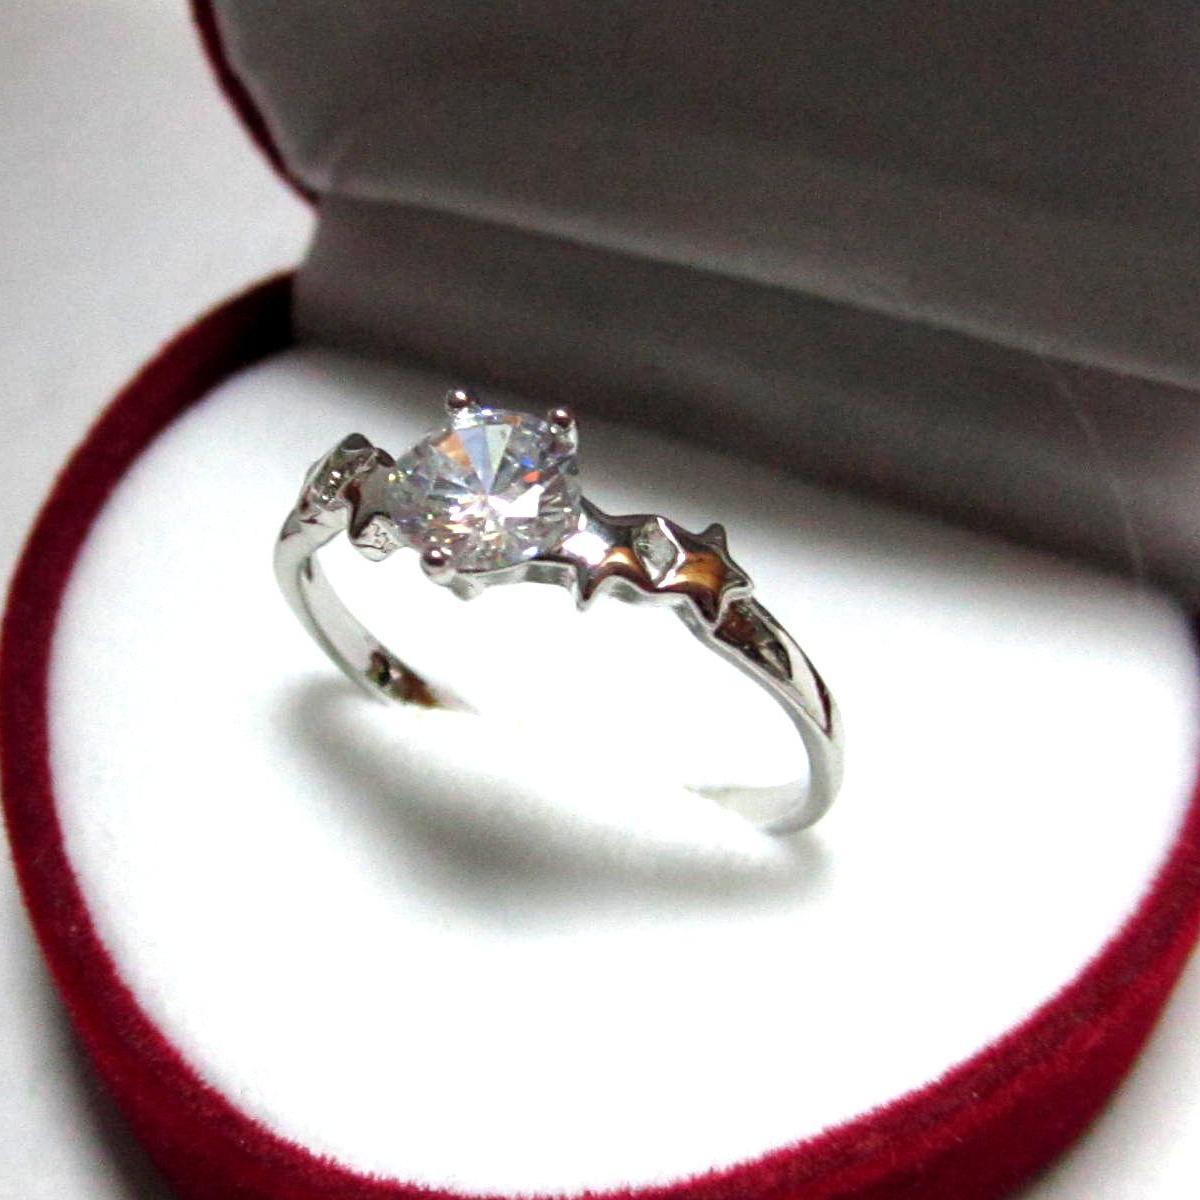 TANITTgemsแหวนทองคำขาวประดับเพชรCZขนาด0.8กะรัตราคาโรงงาน size 8.5